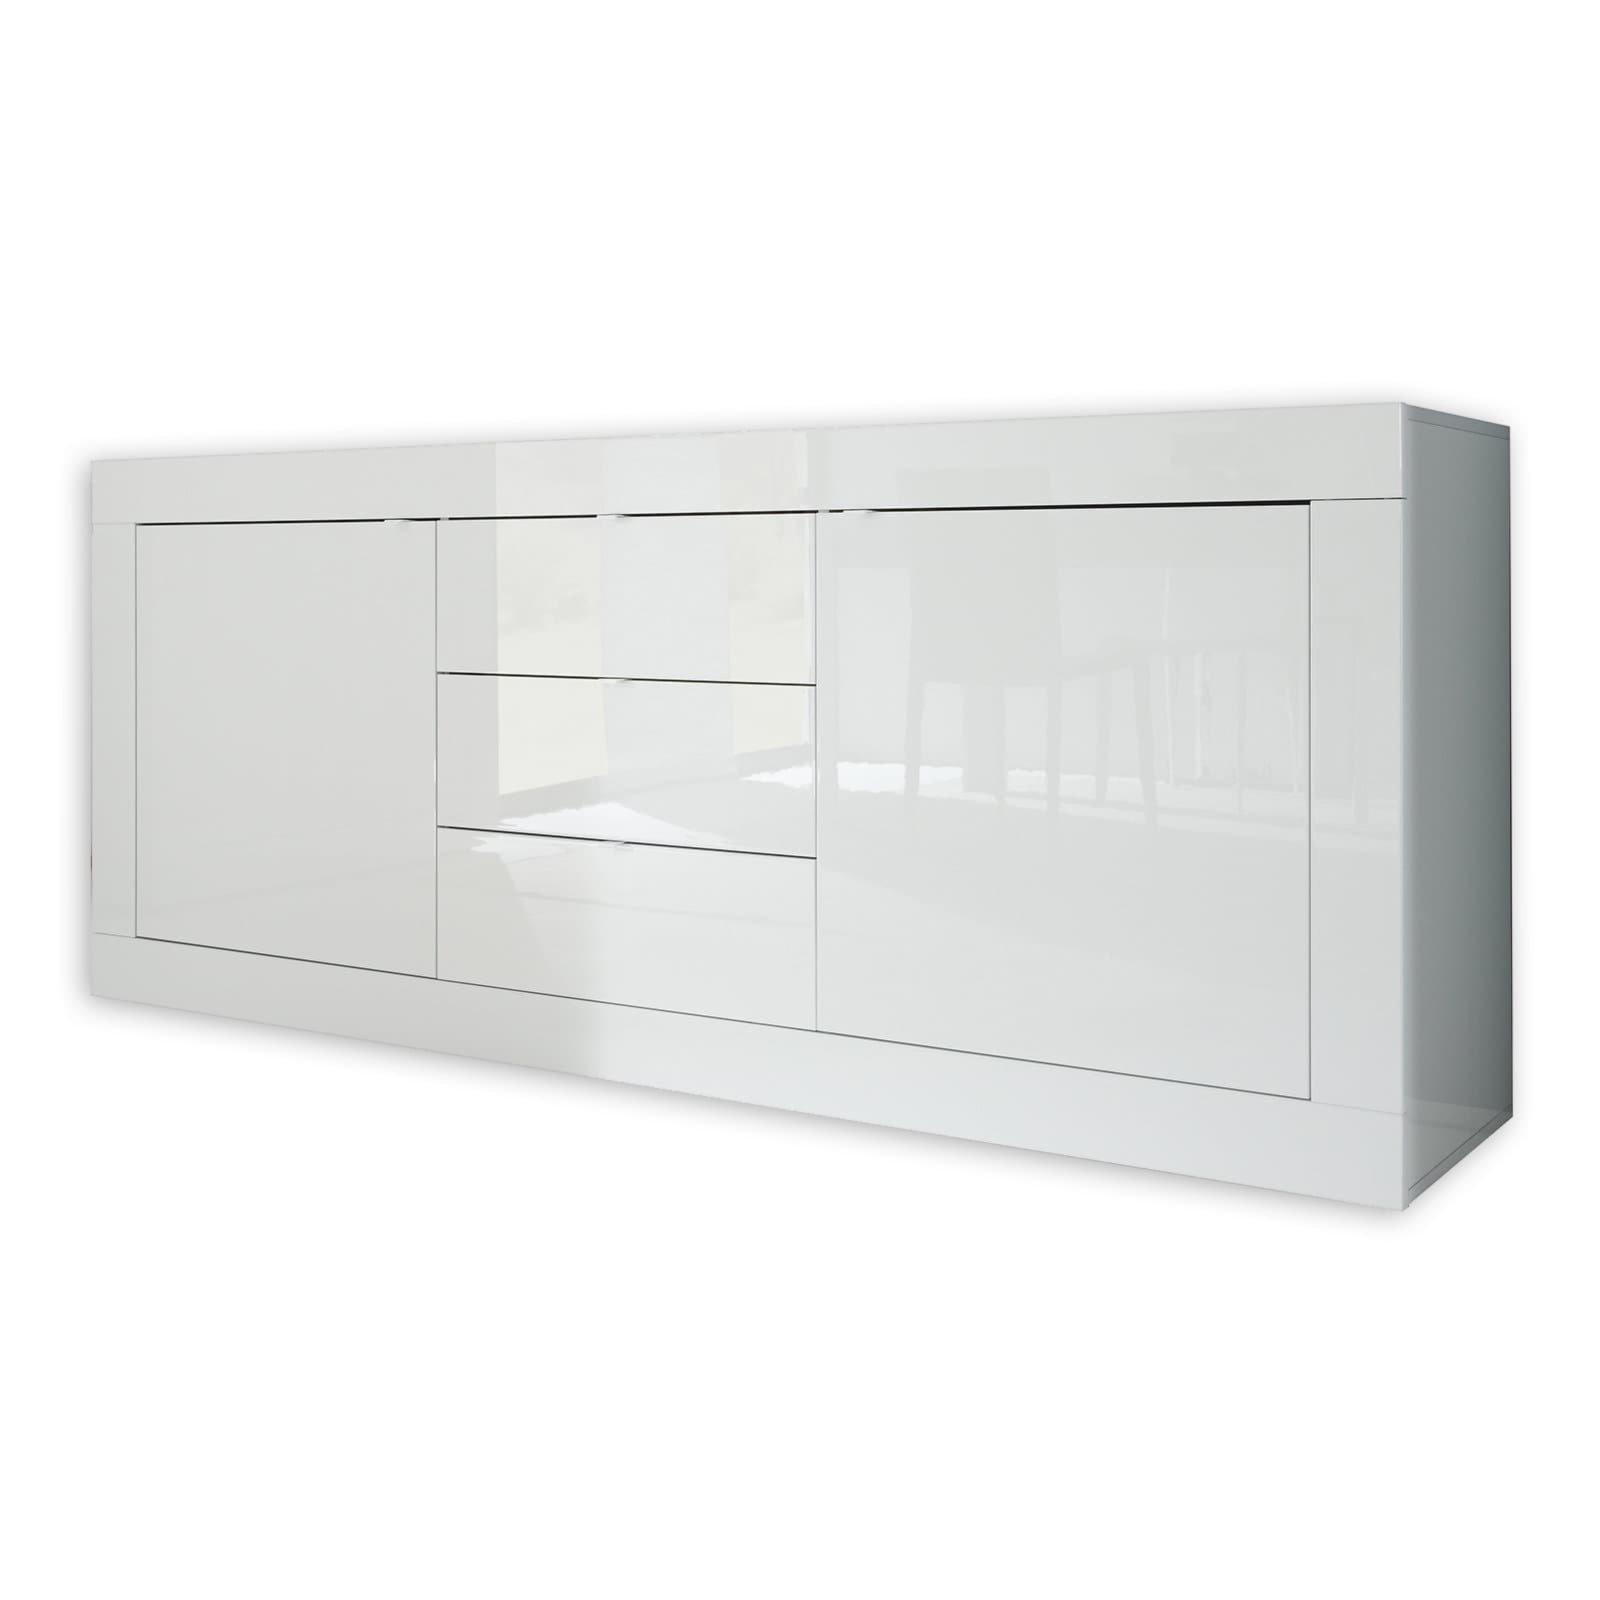 Gewaltig Hochglanz Sideboard Weiß Sammlung Von Basic - Weiß - 210 Cm Breit